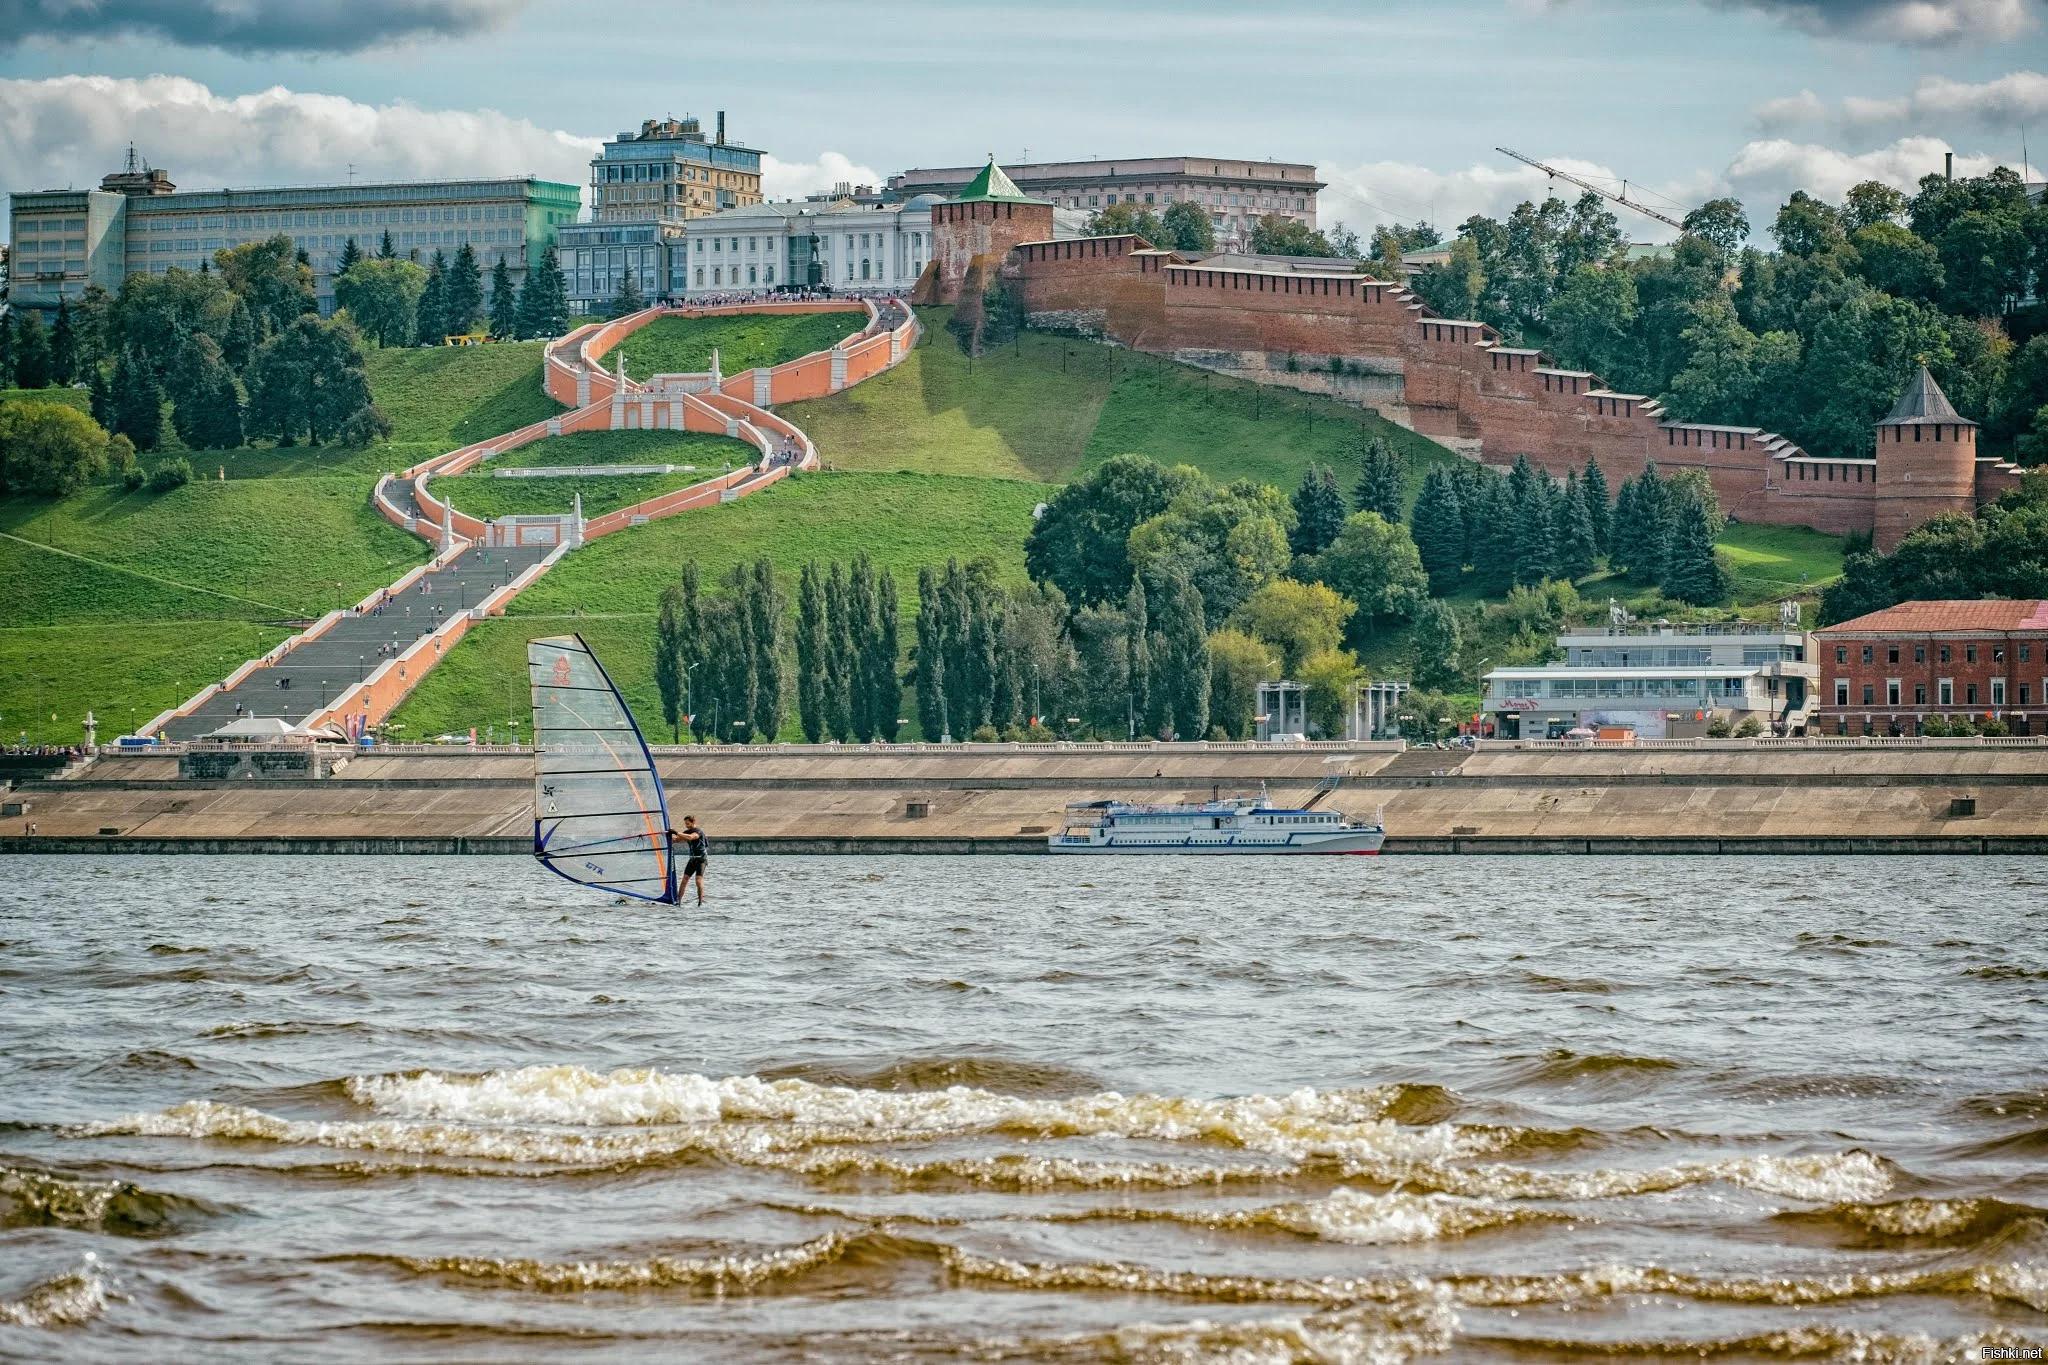 Хельсинки клуб нижний новгород фото удовольствием